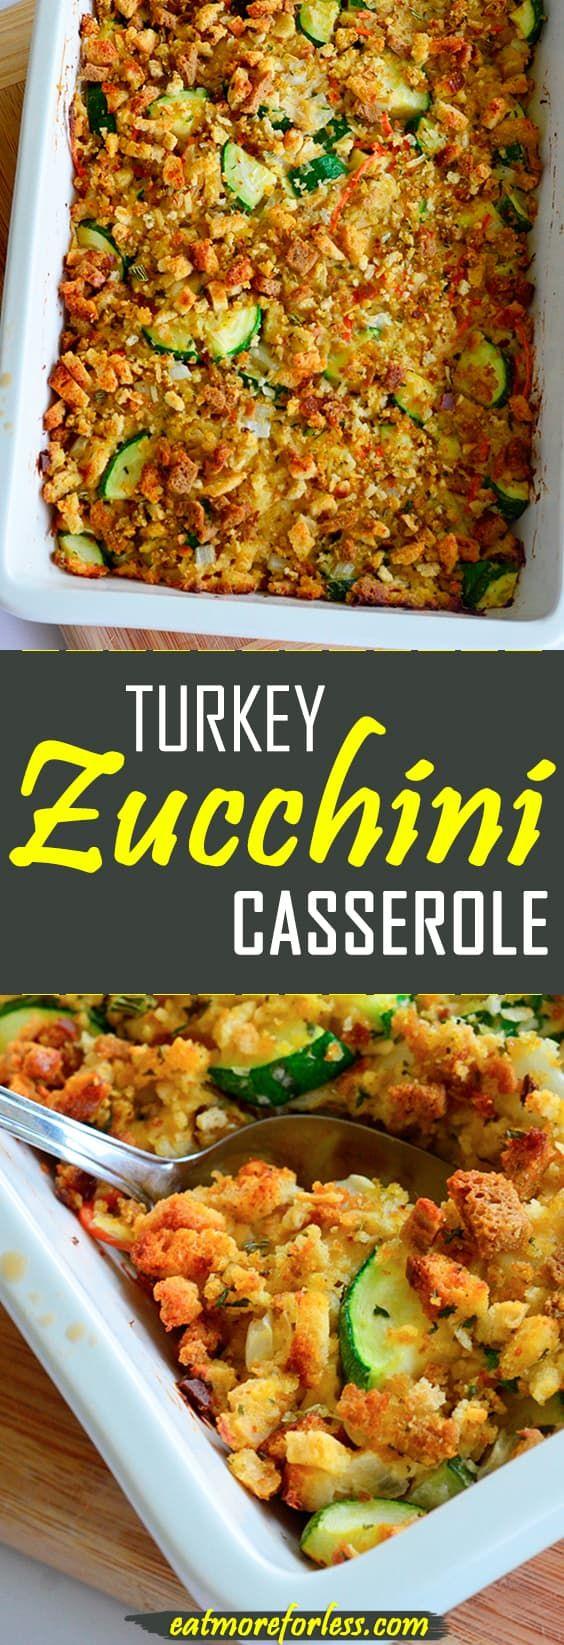 Photo of Turkey Zucchini Casserole